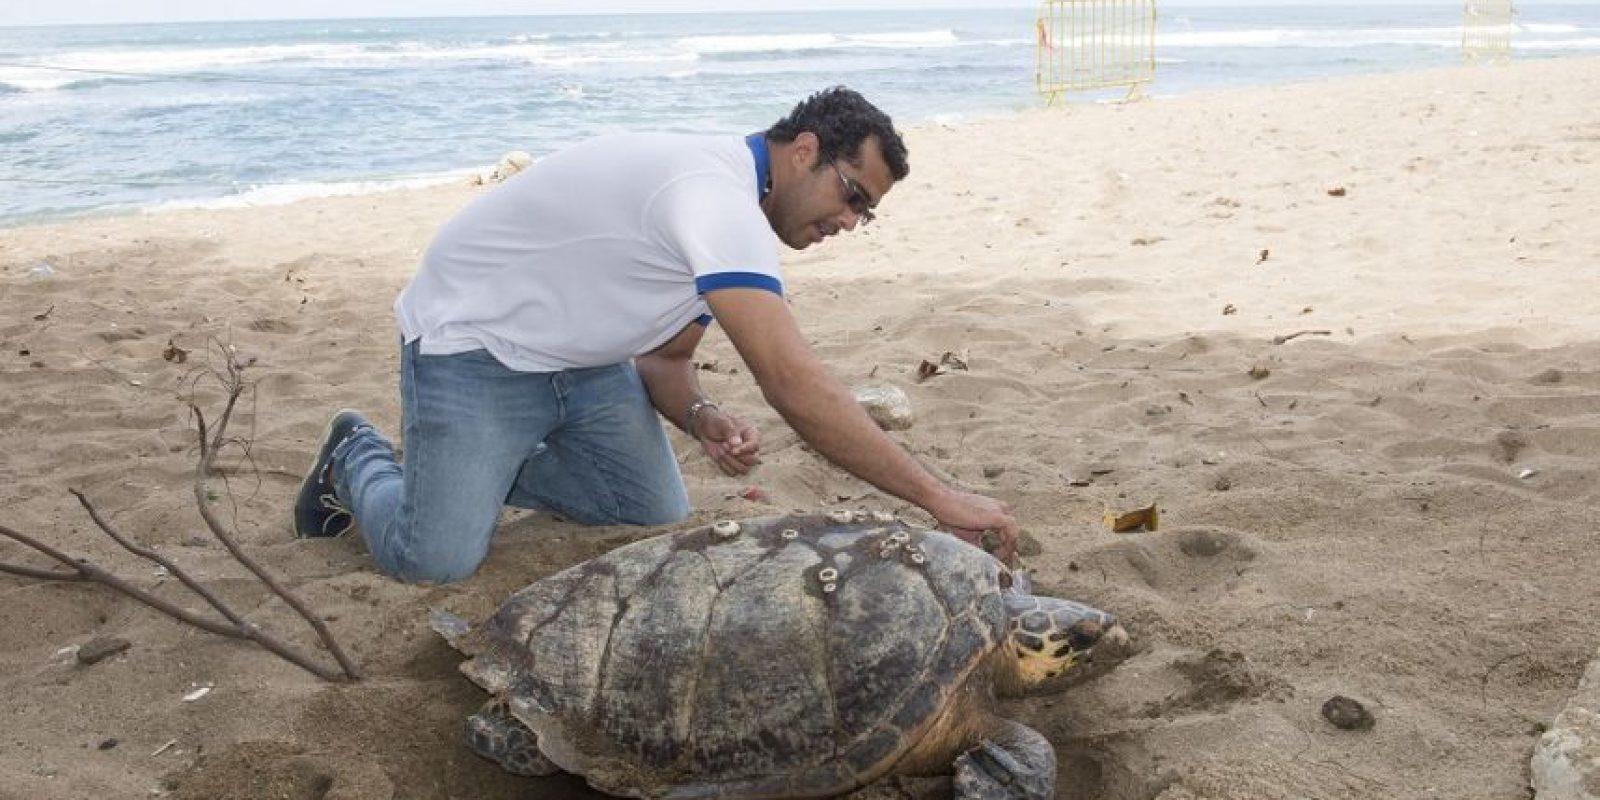 La tortuga marina depositó 89 huevos. Foto:Fuente externa